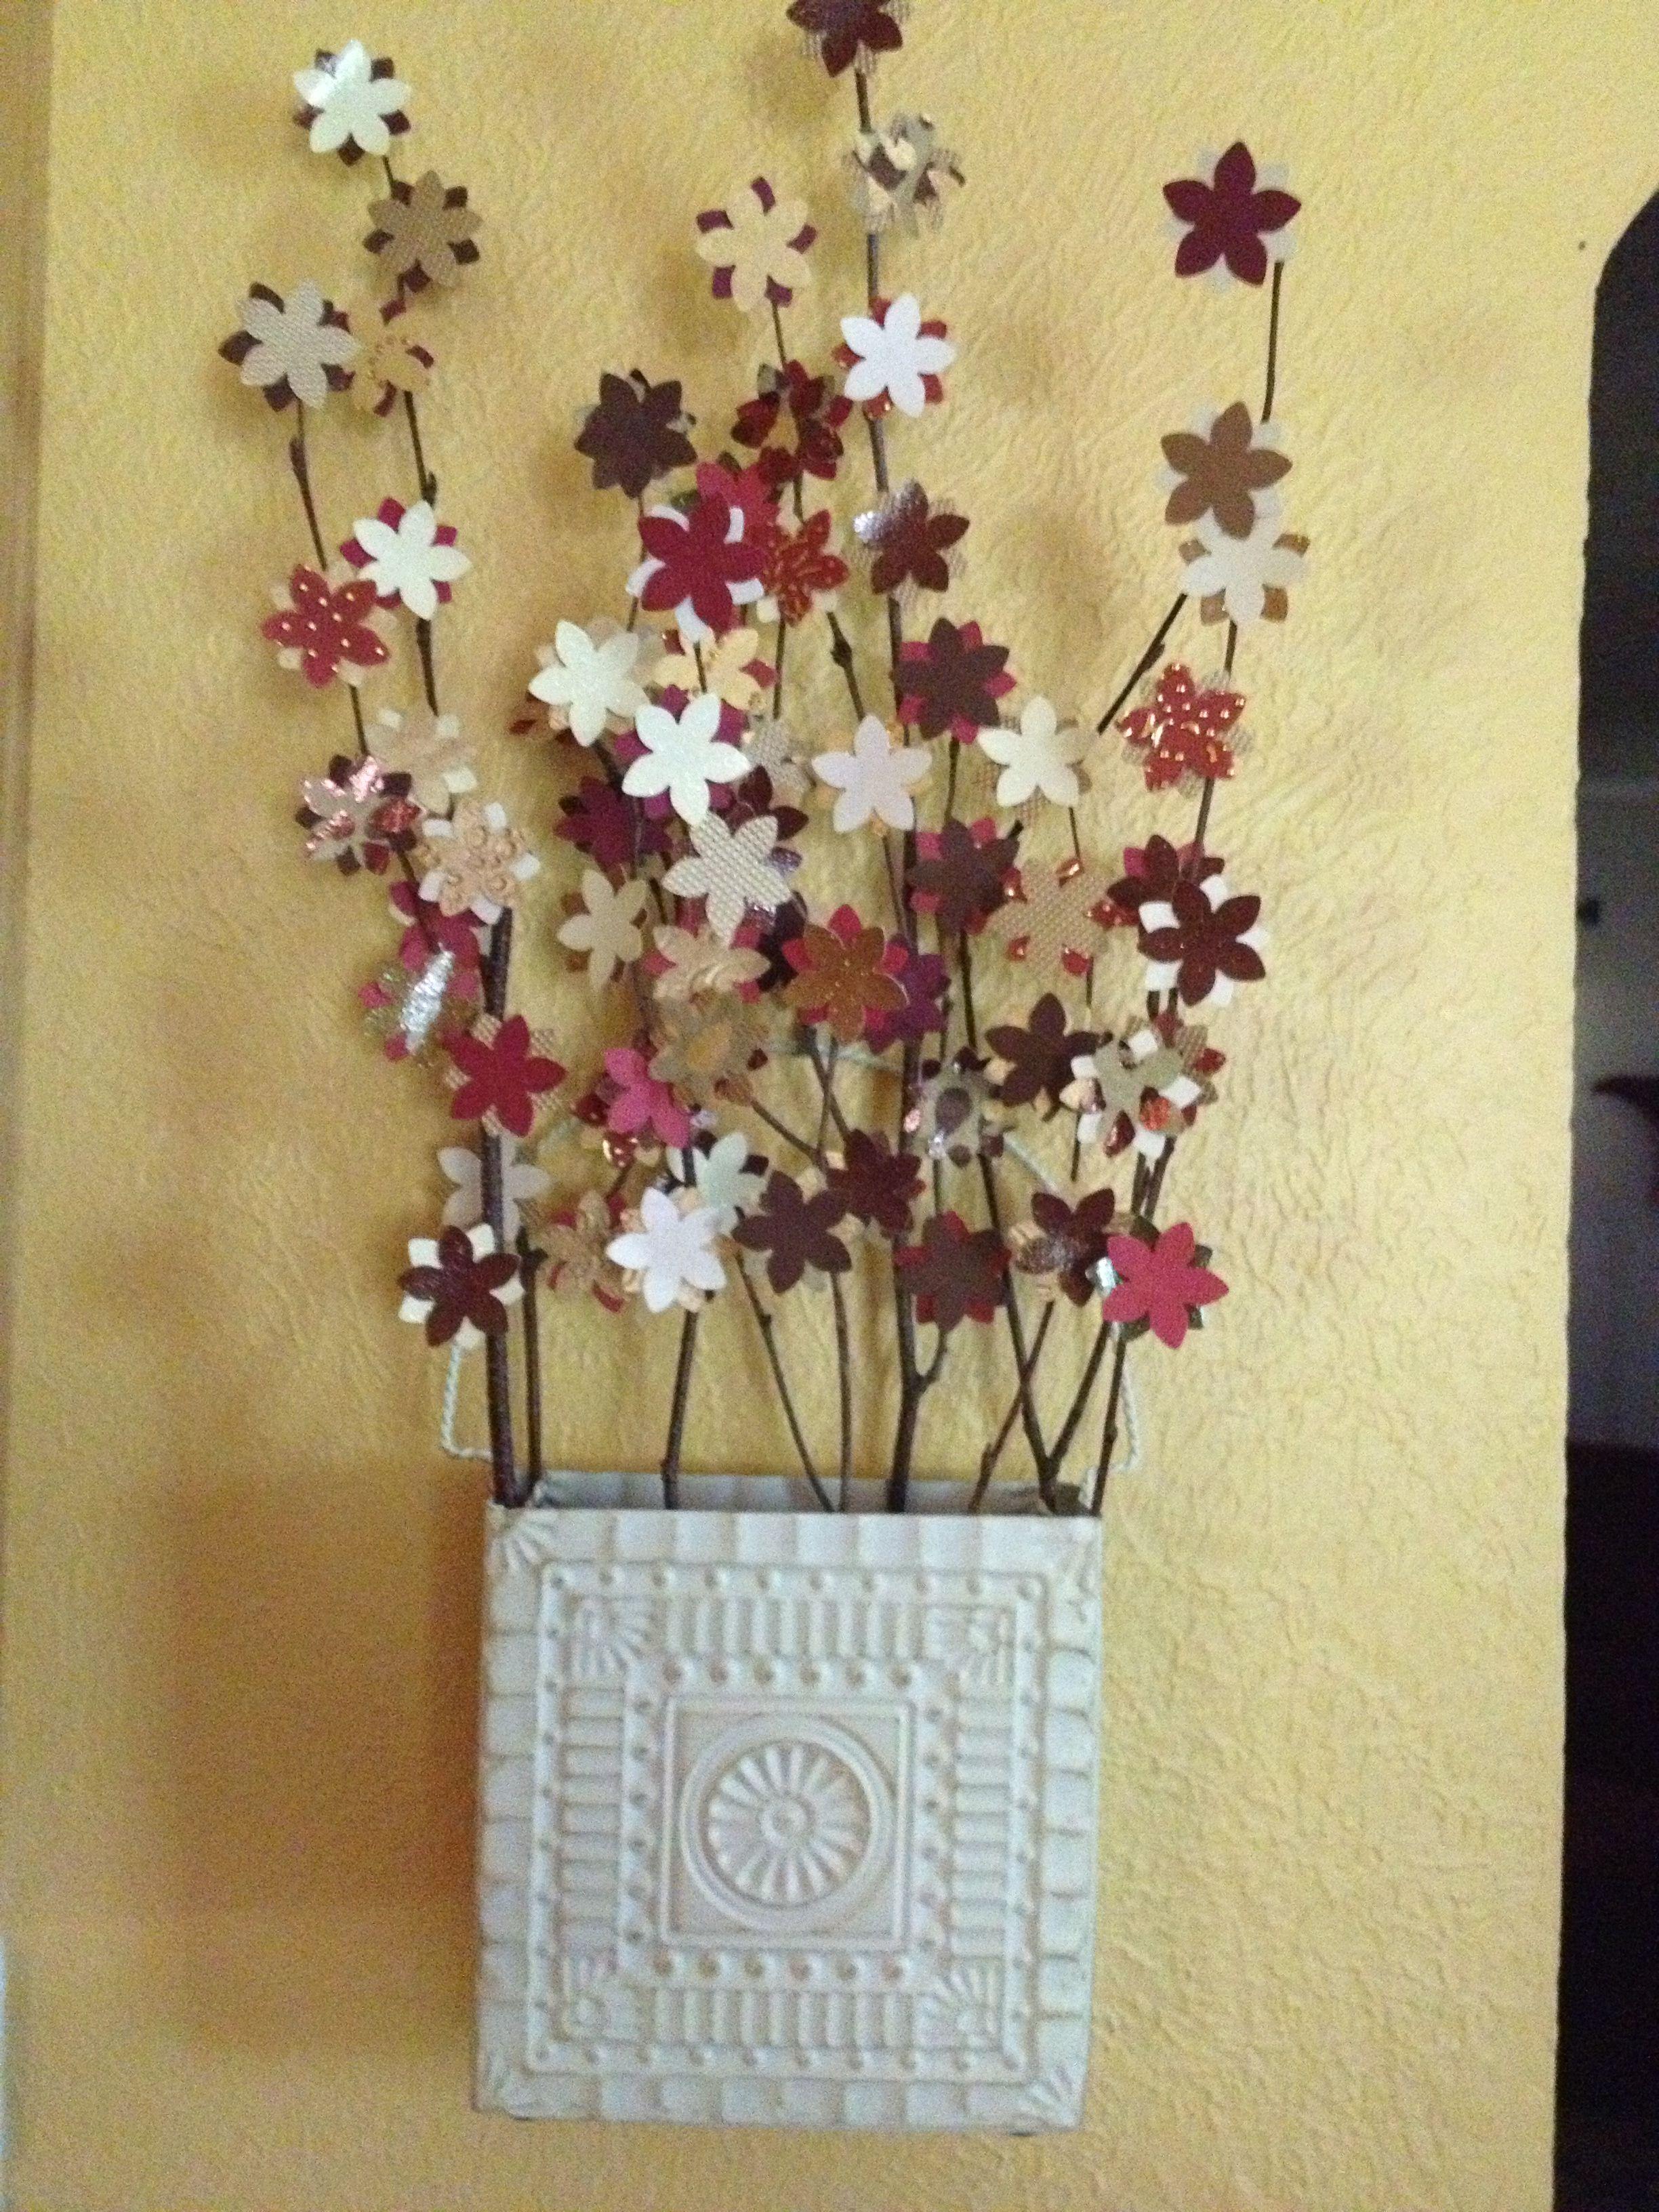 Scrapbook paper art projects - Hanging Metal Vase With Scrapbook Paper Flowers